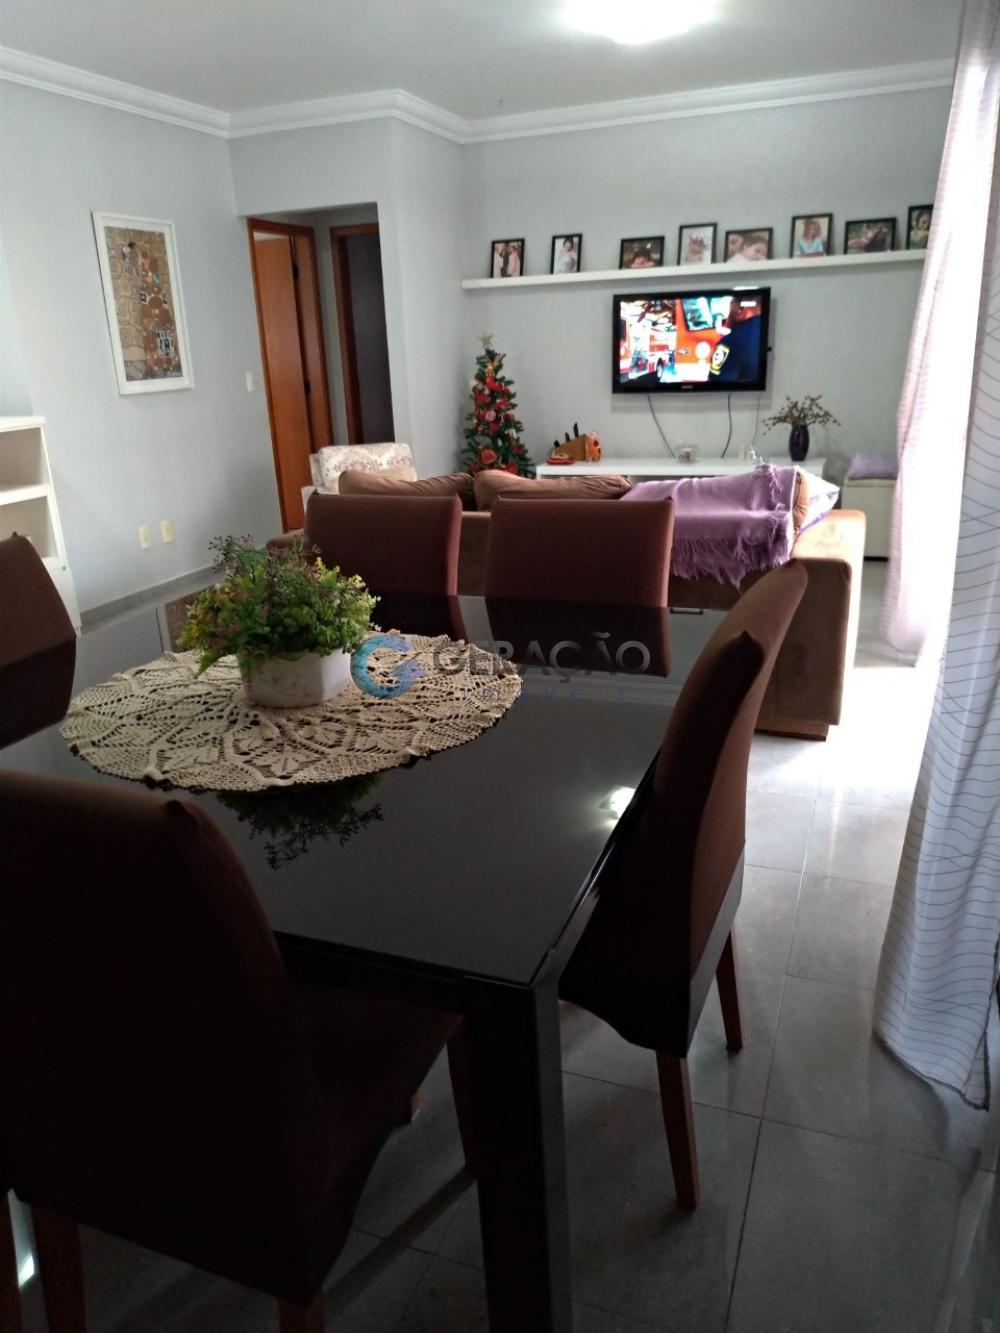 Comprar Apartamento / Padrão em São José dos Campos apenas R$ 650.000,00 - Foto 2